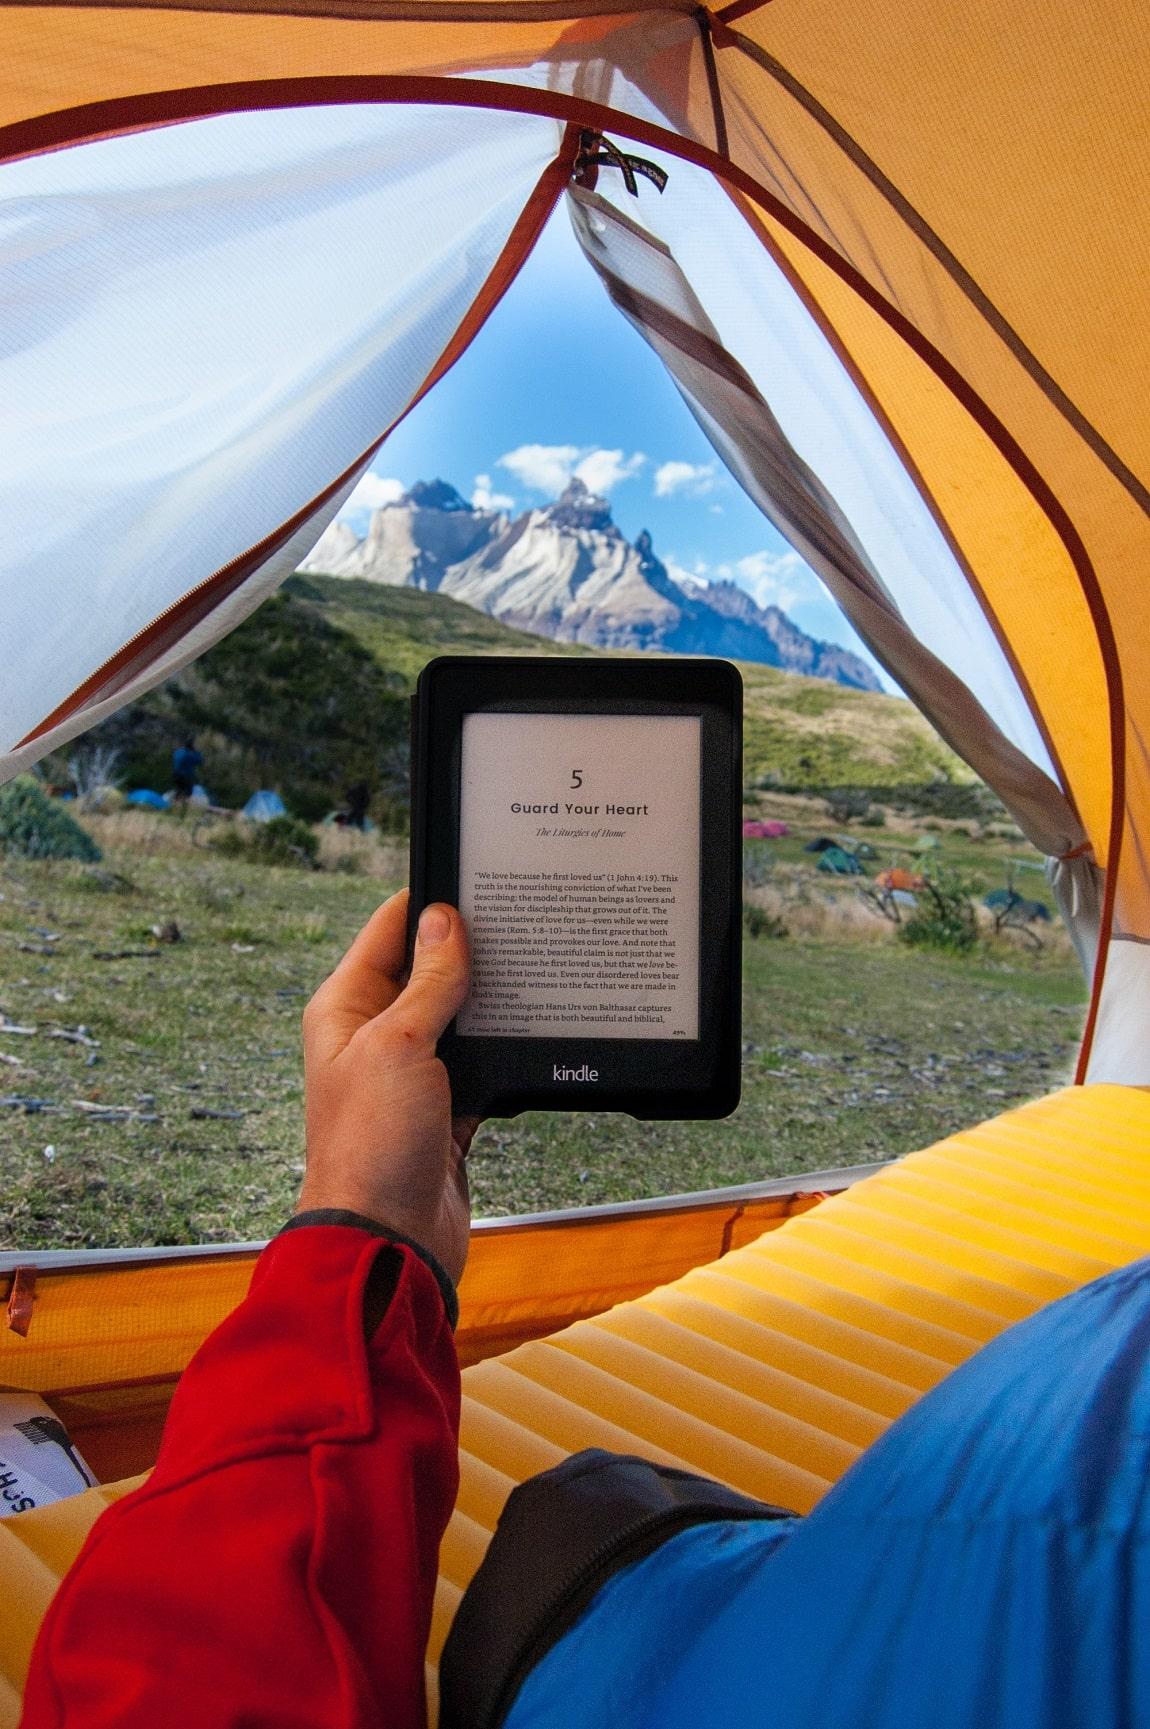 Liseuse dans une tente avec comme fond la montagne